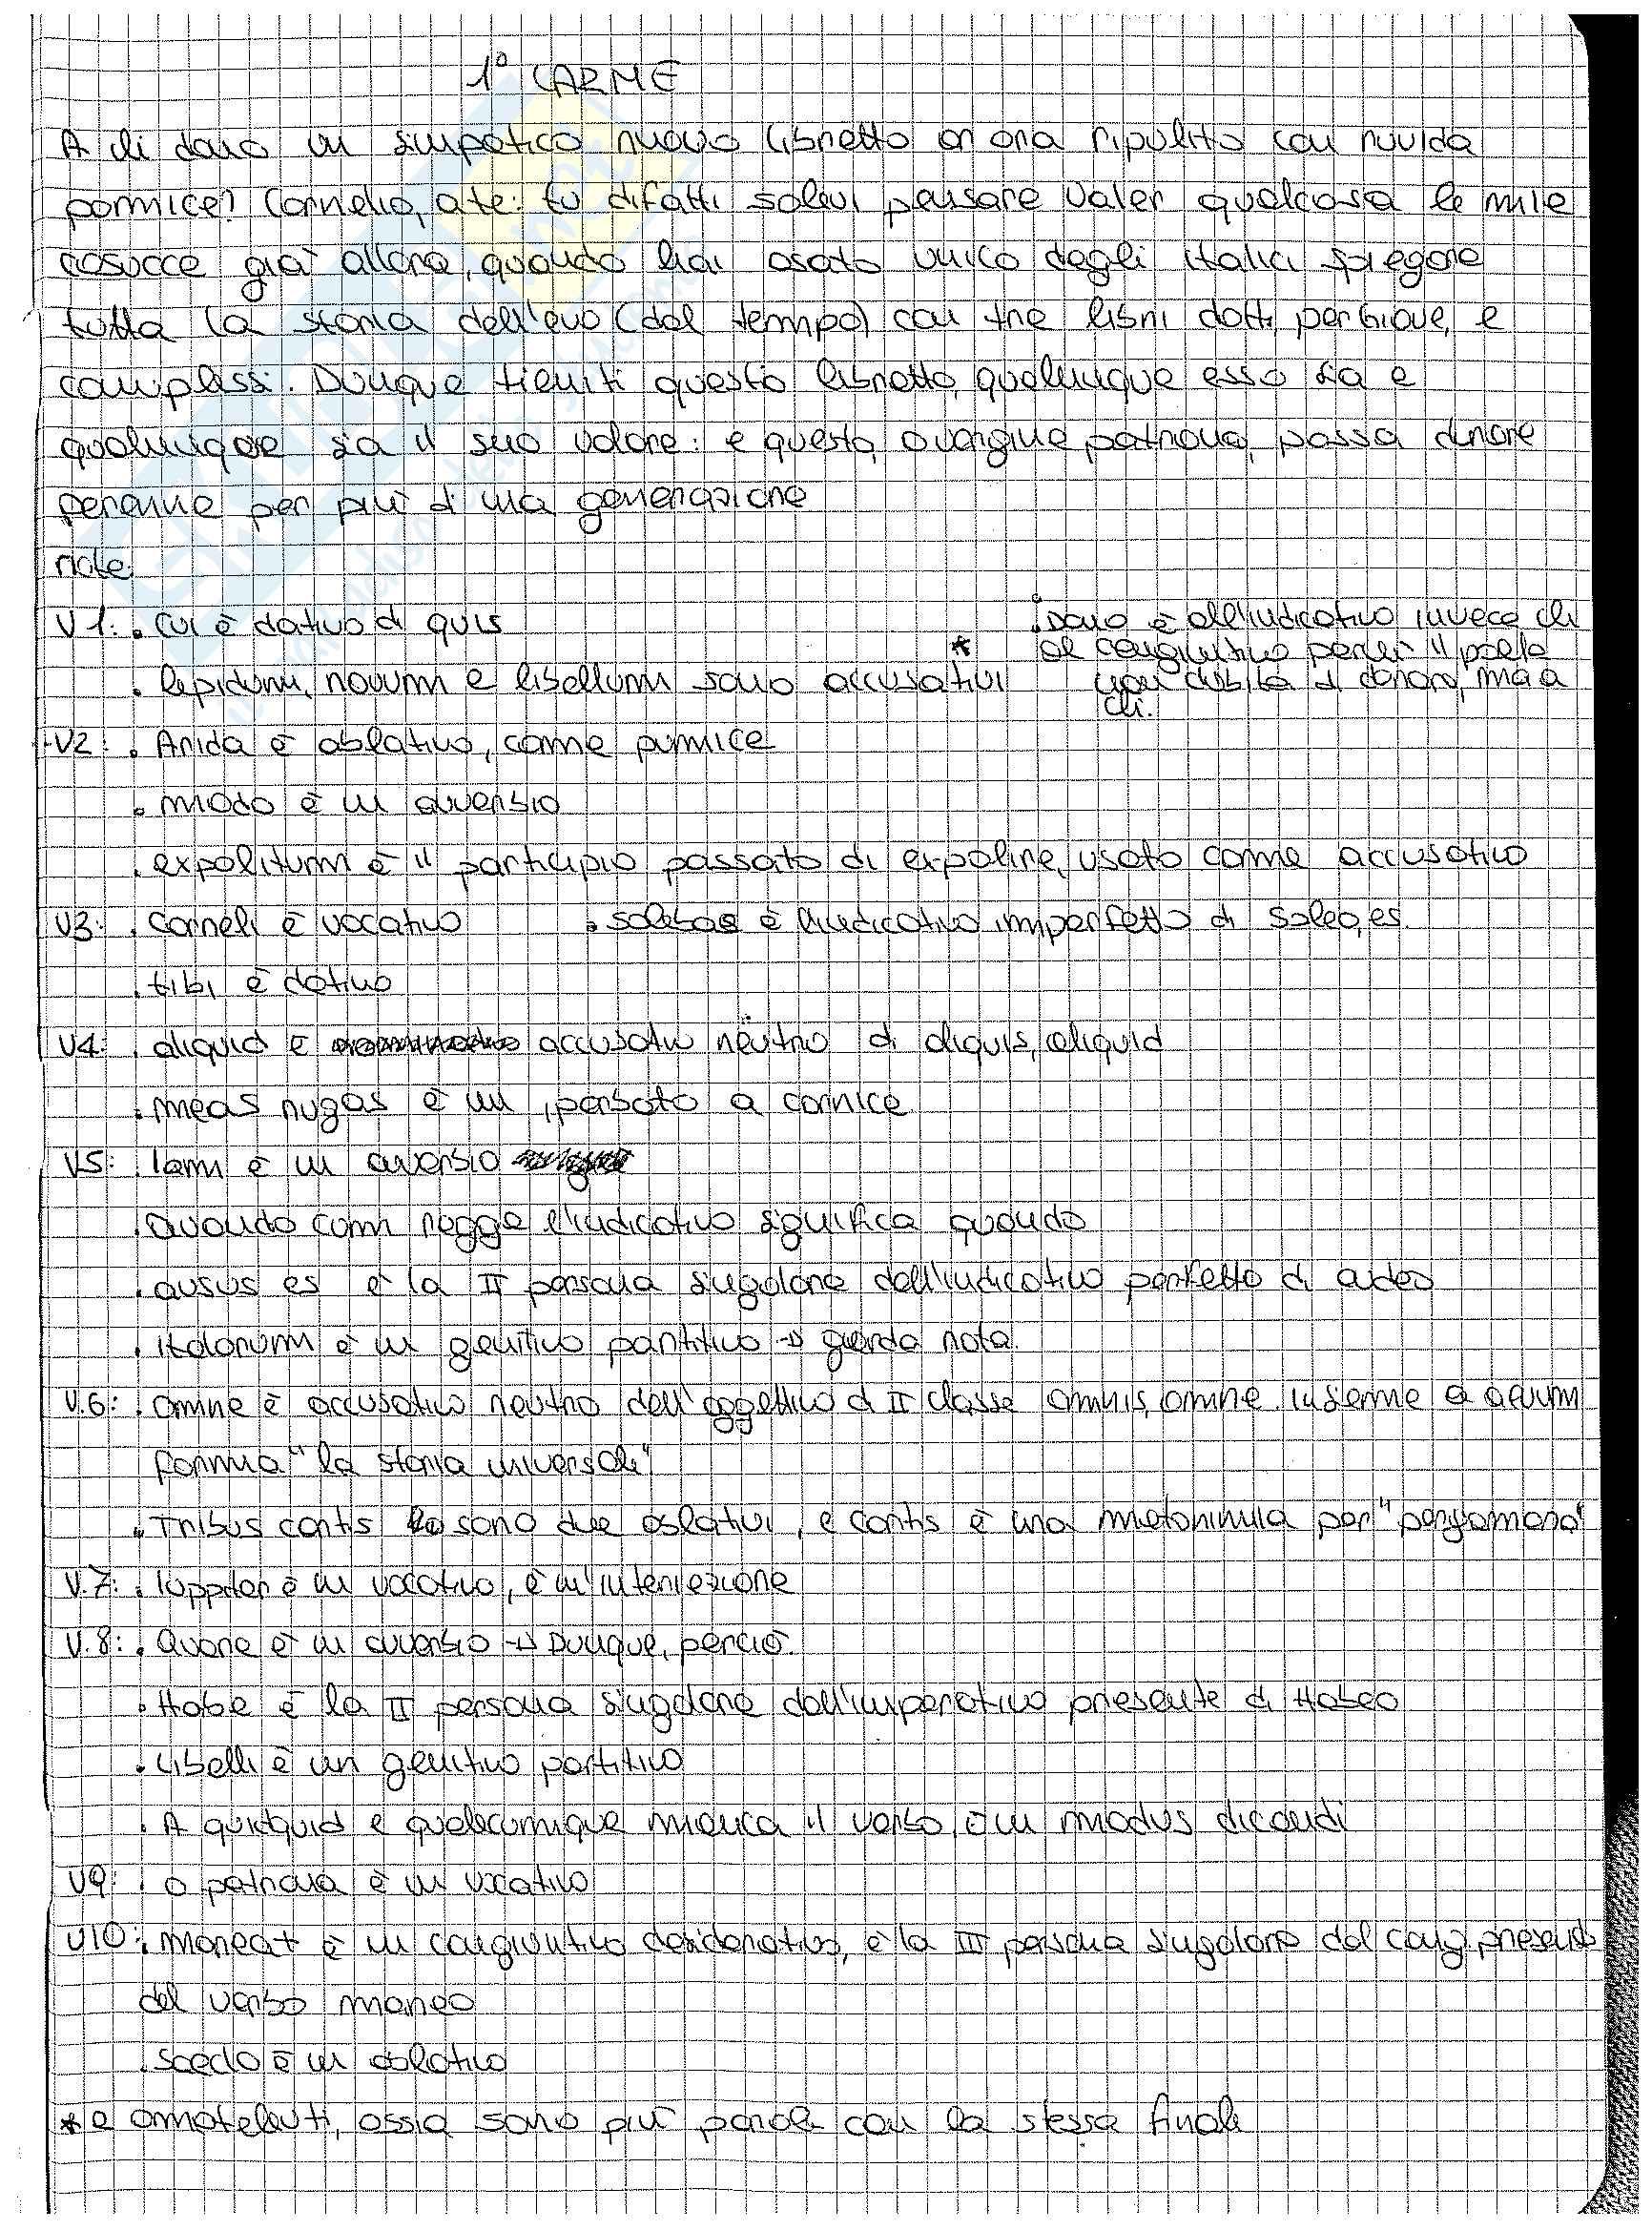 Analisi, traduzione e paradigmi dei carmina di Catullo